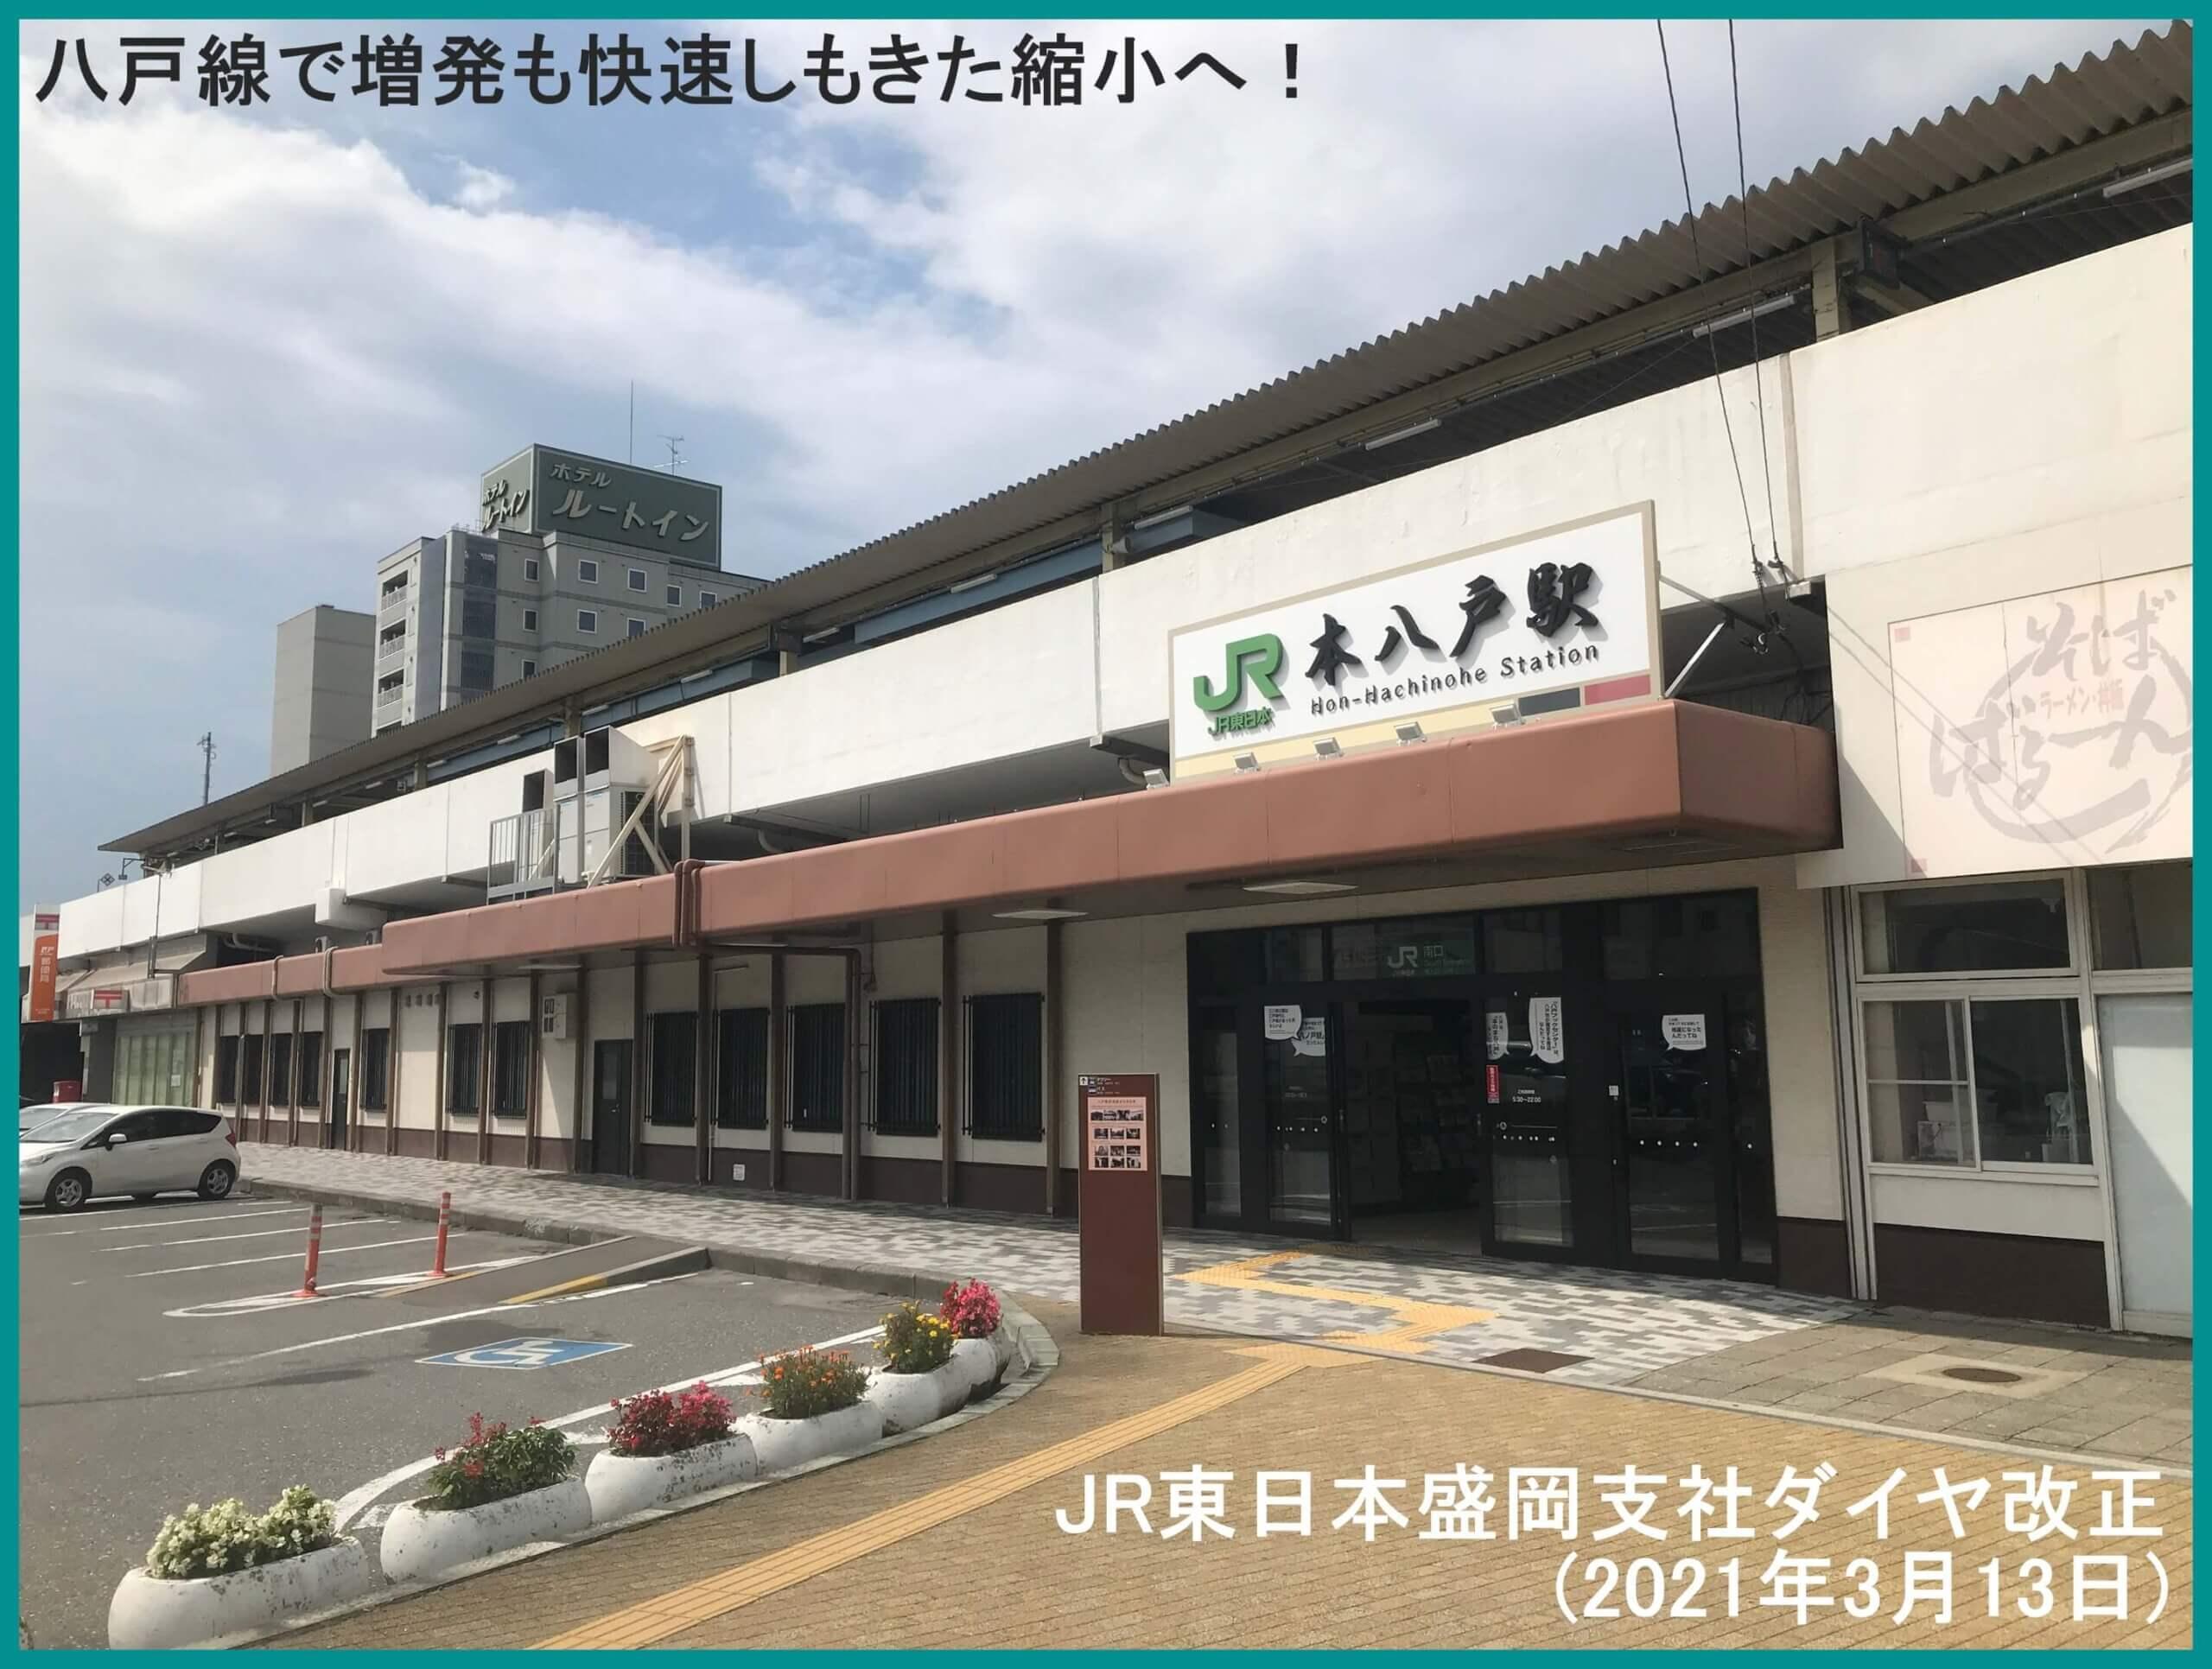 八戸線で増発も快速しもきた縮小へ! JR東日本盛岡支社ダイヤ改正(2021年3月13日)